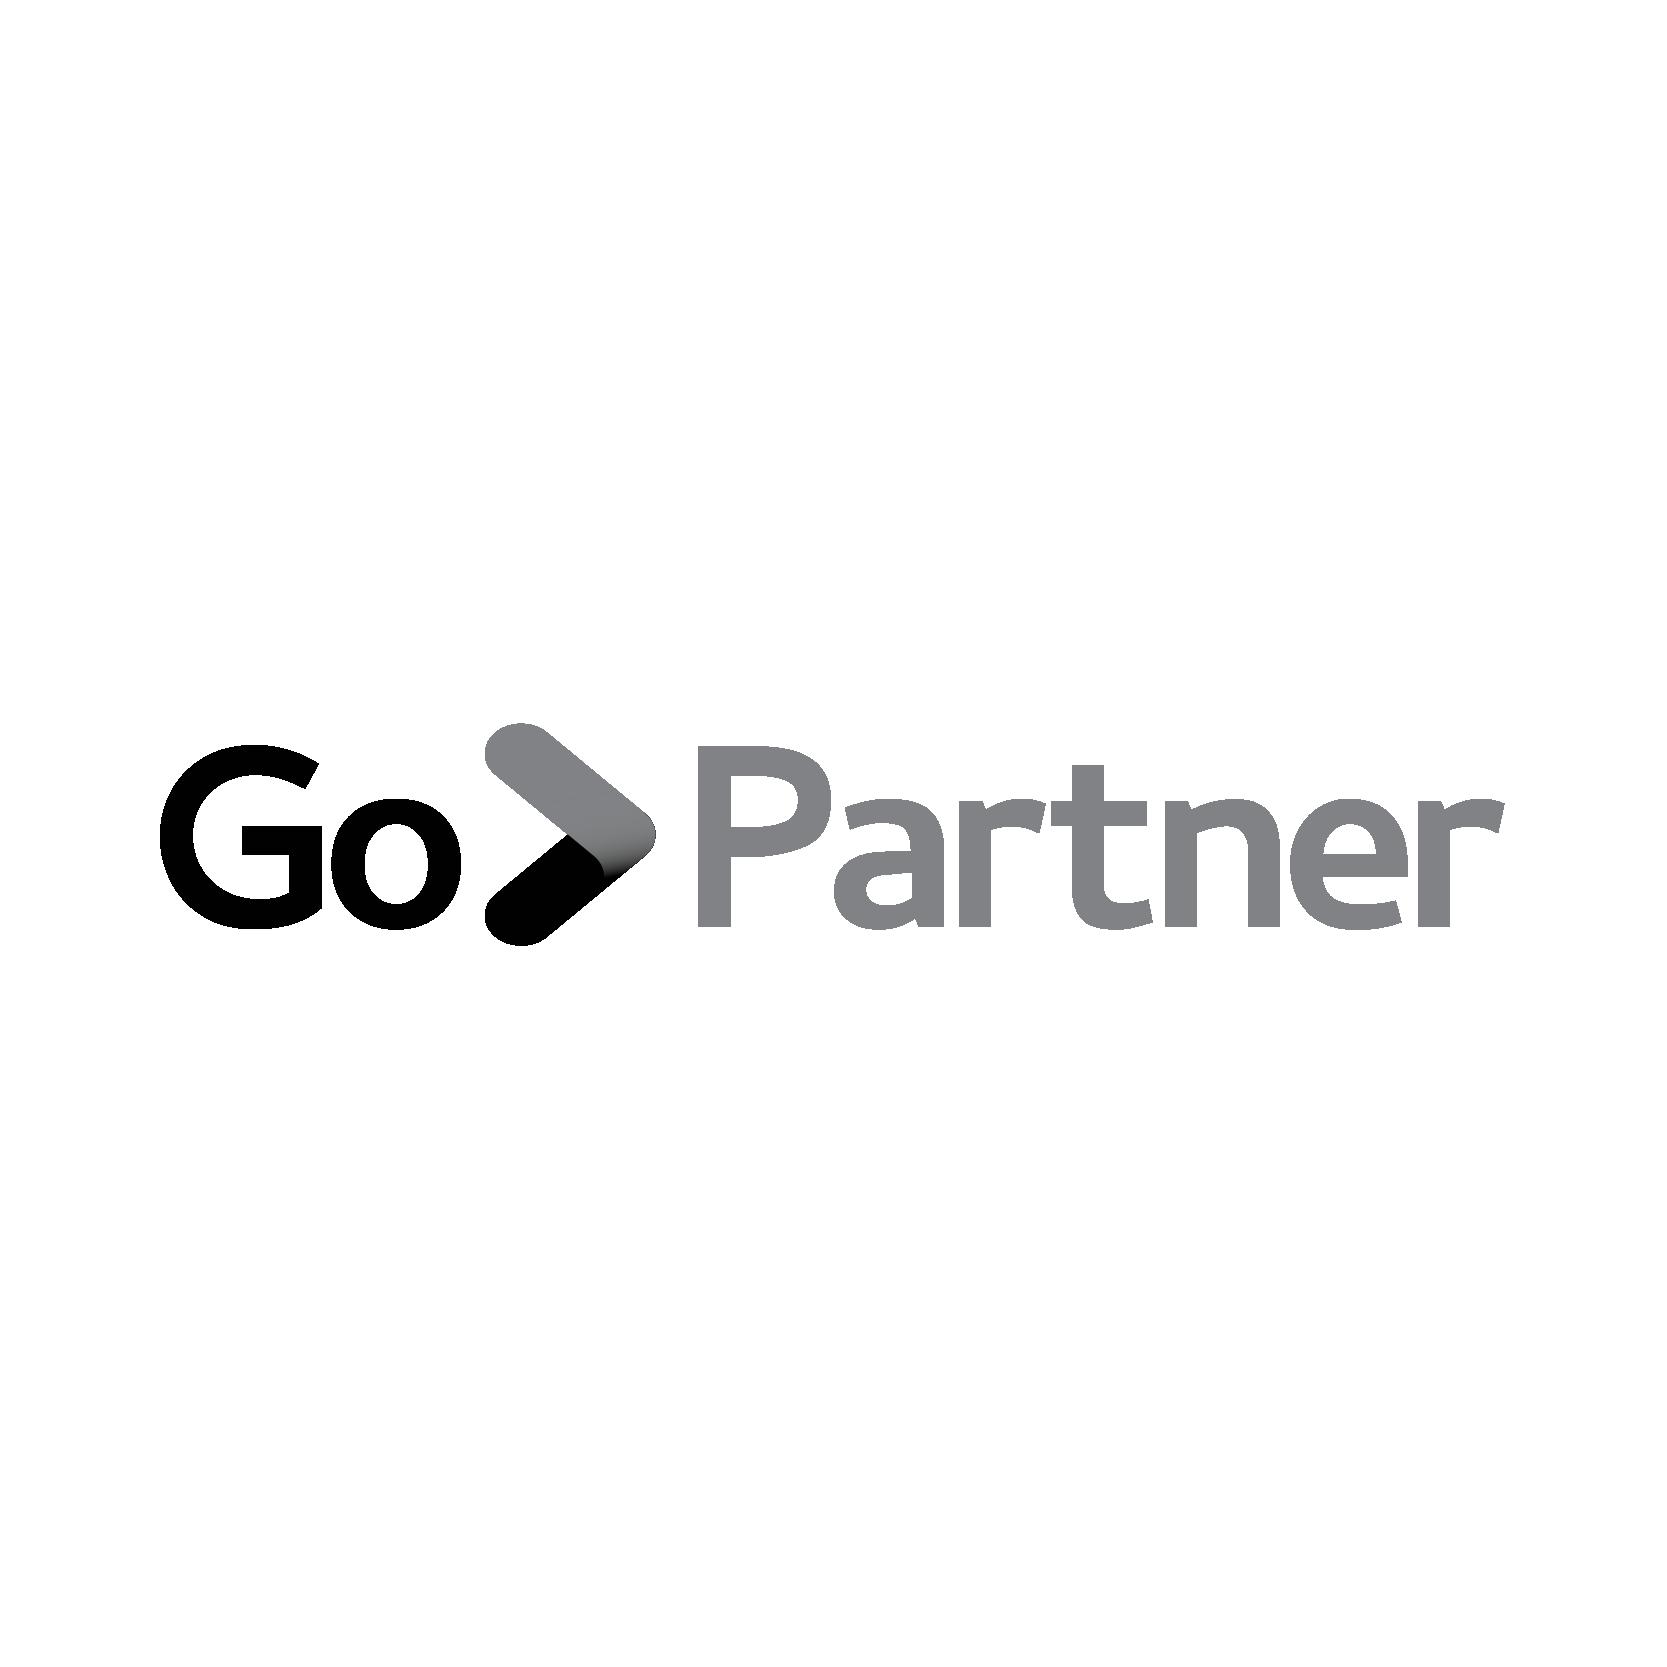 Go Partner